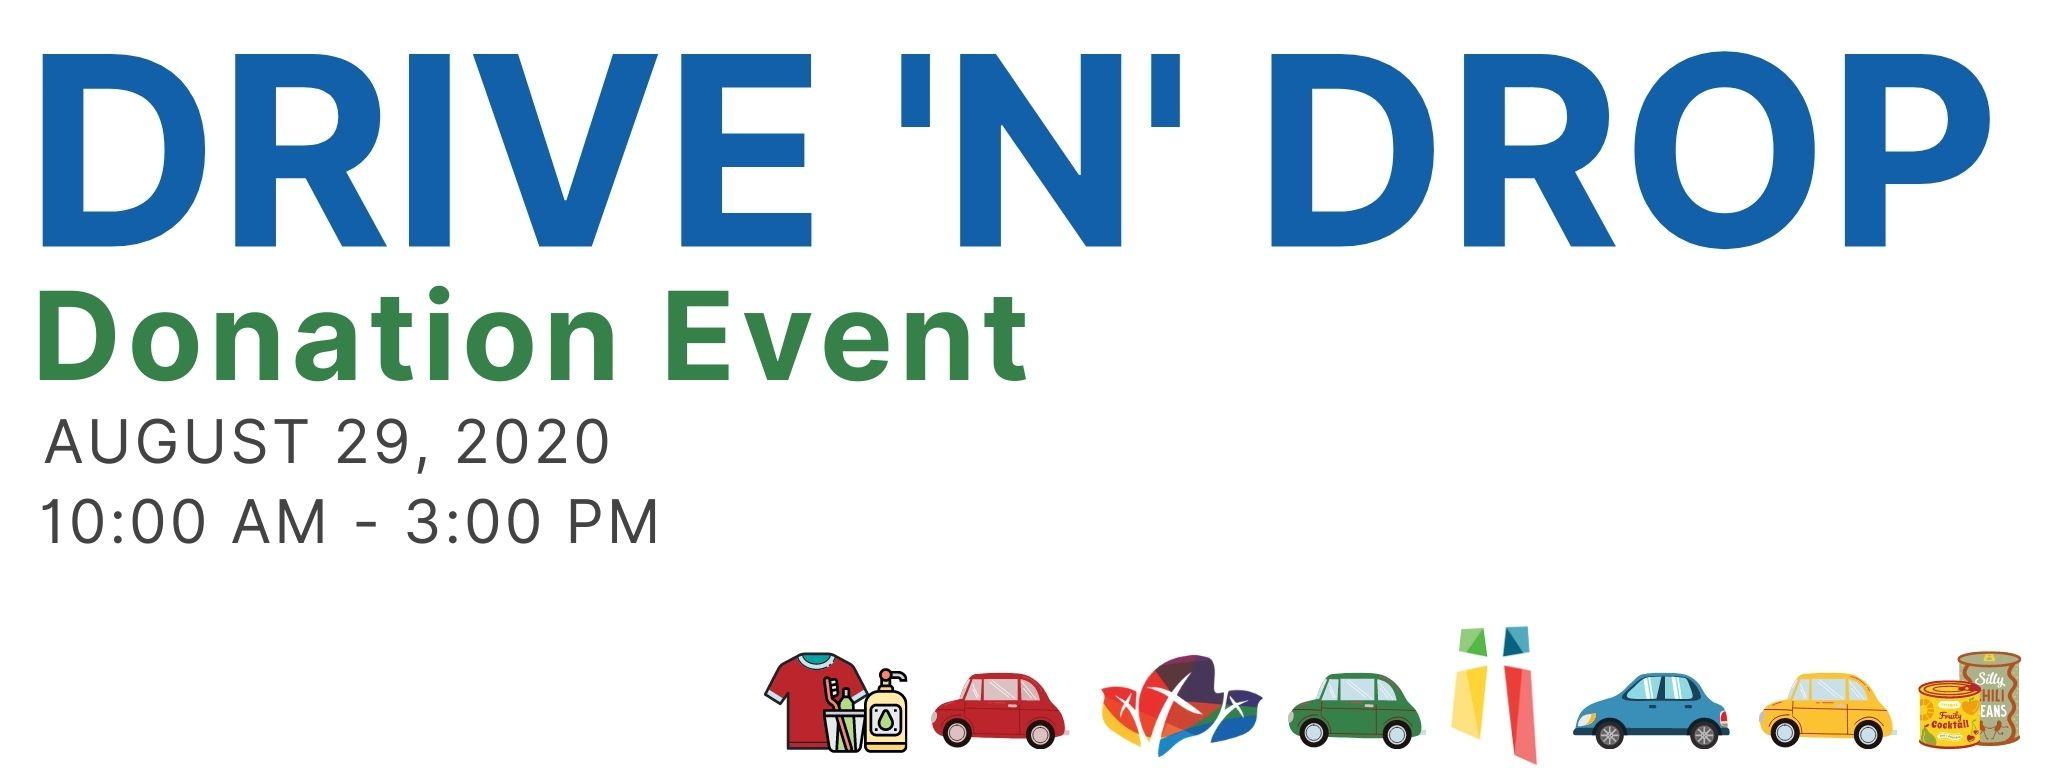 DrivenDrop-Event-Website